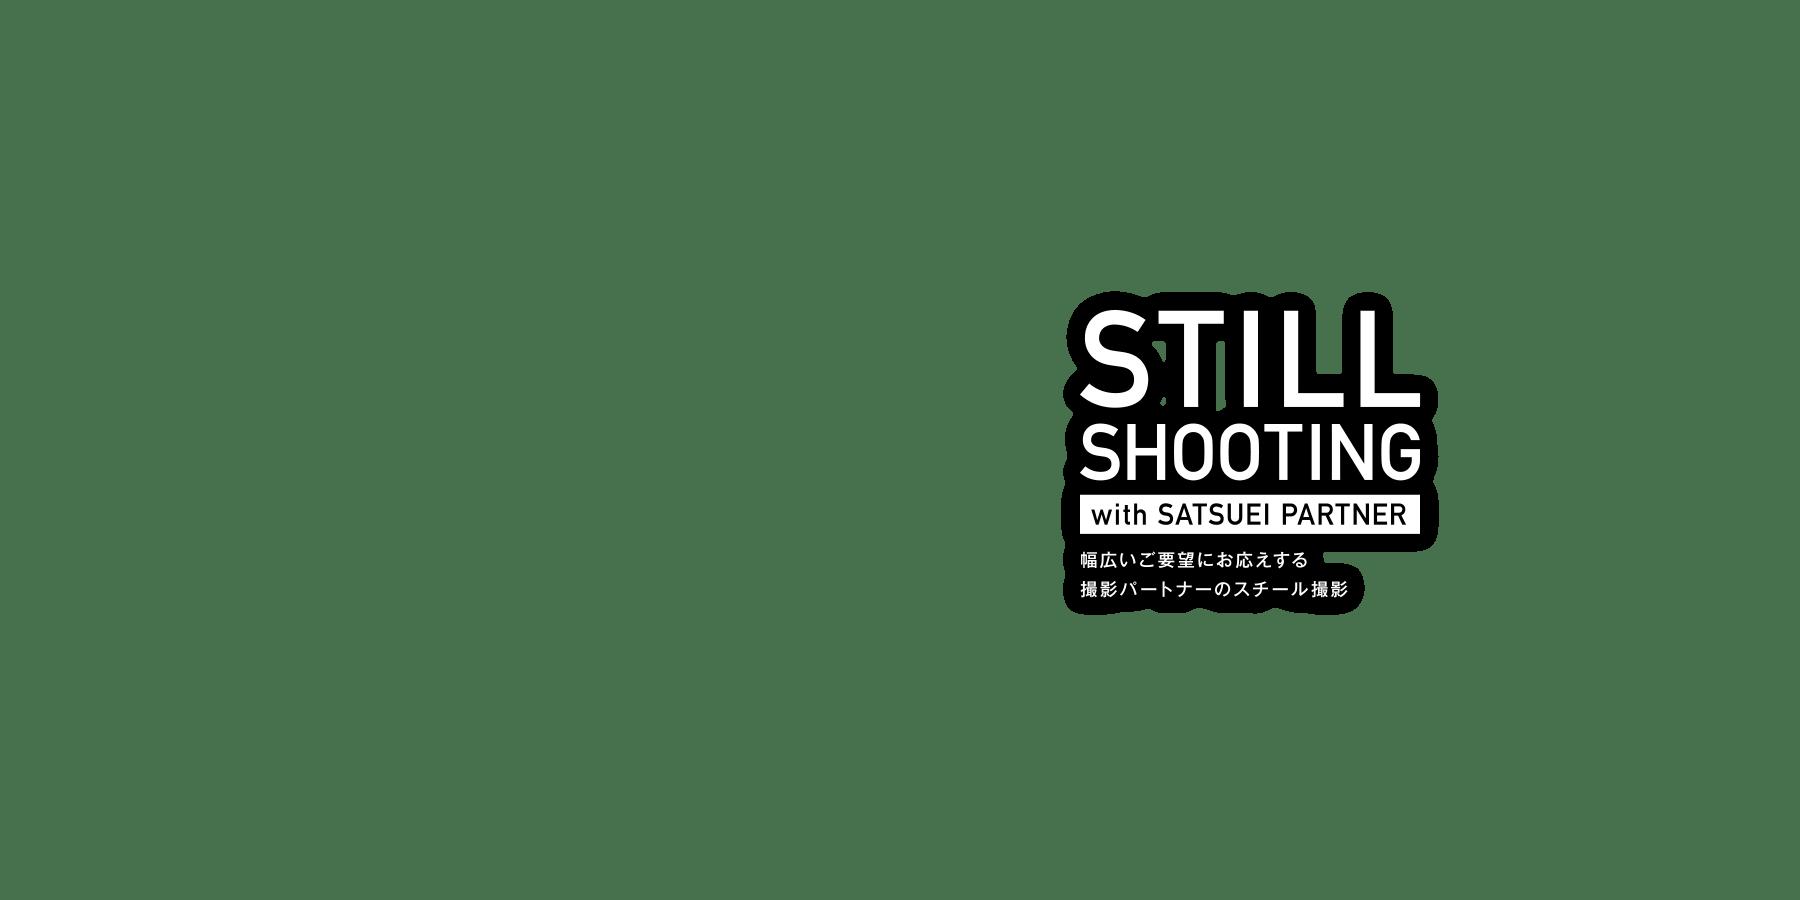 撮影パートナーのスチール撮影